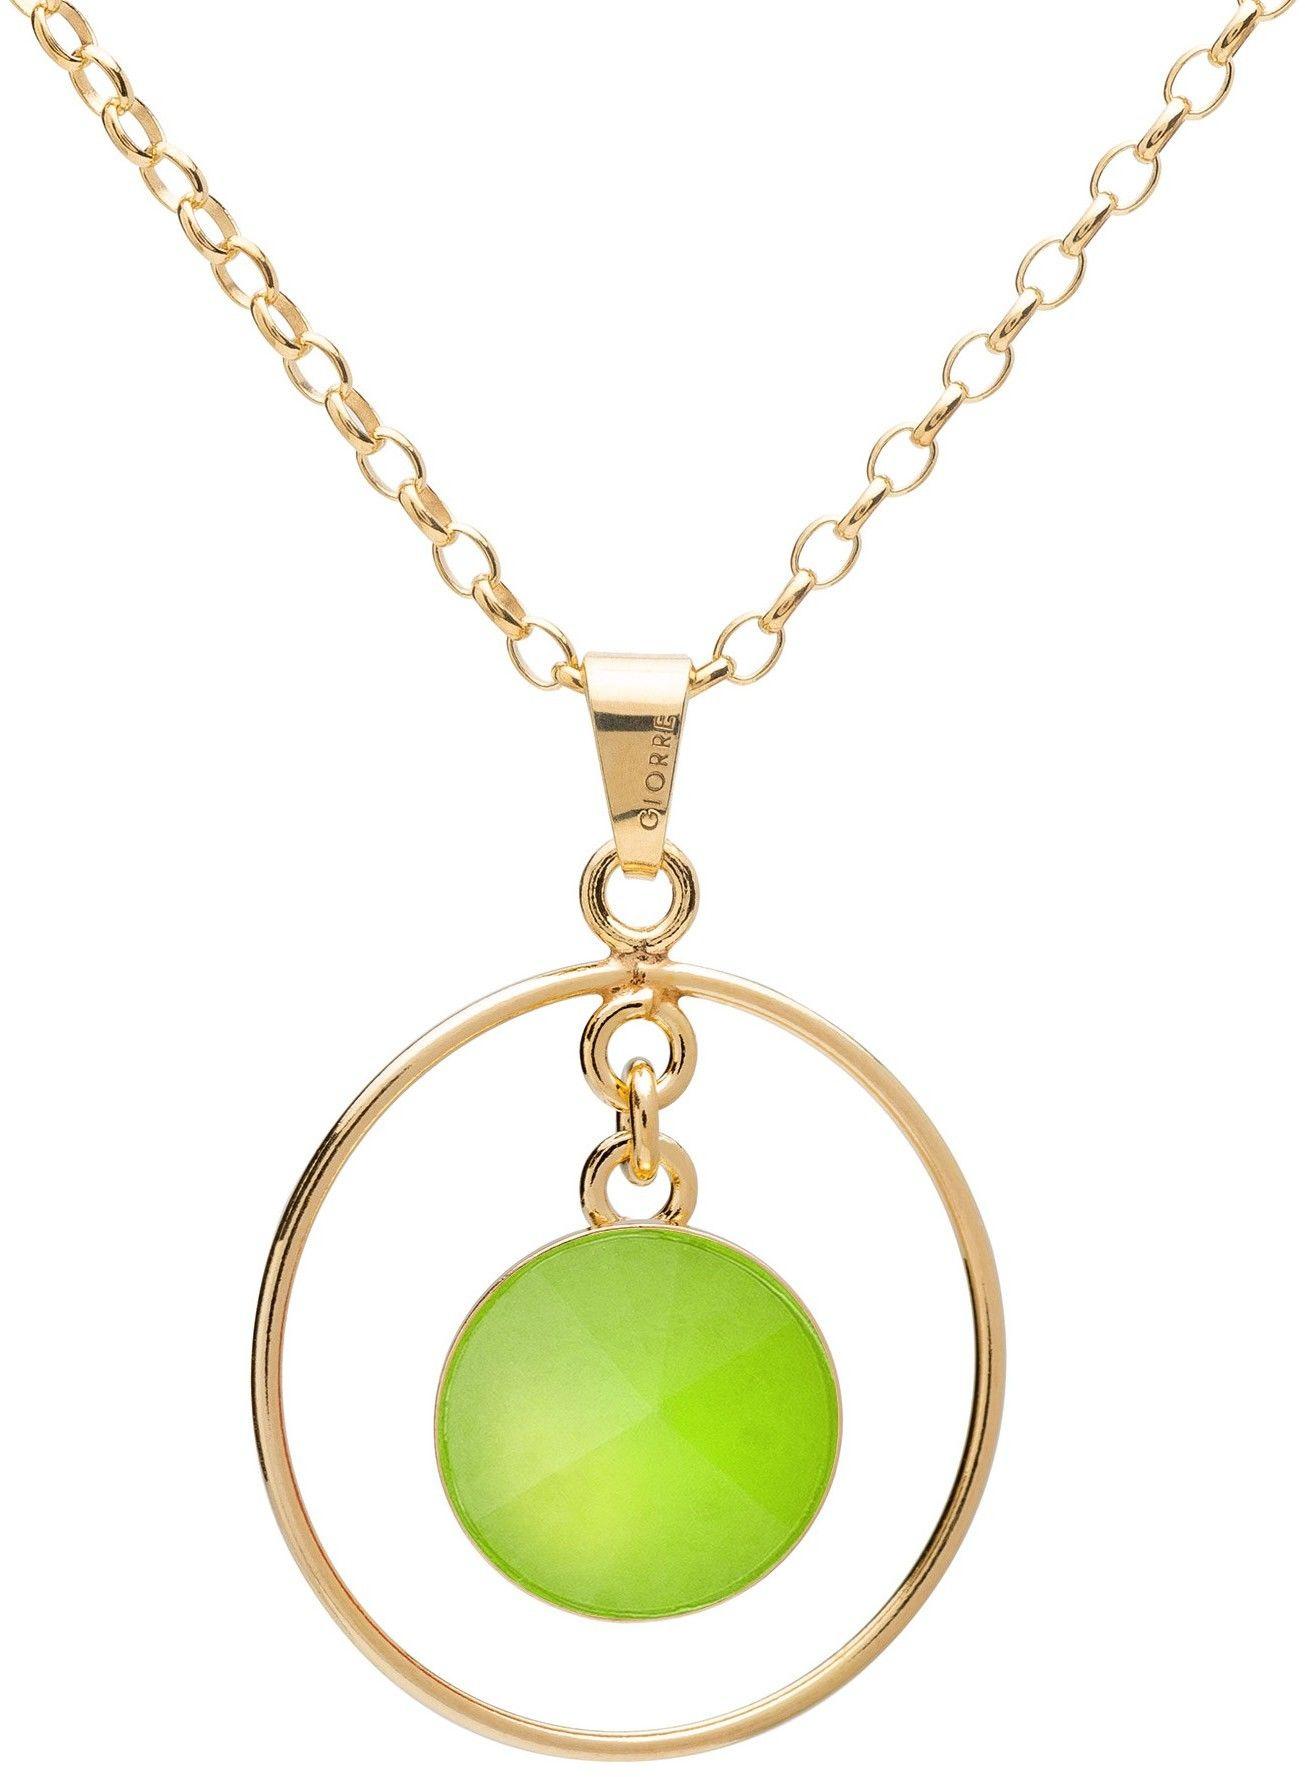 Okrągły naszyjnik z naturalnym kamieniem - chryzopraz, srebro 925 : Długość (cm) - 45 + 5, Kamienie naturalne - kolor - chryzopraz zielony jasny, Srebro - kolor pokrycia - Pokrycie żółtym 18K złotem